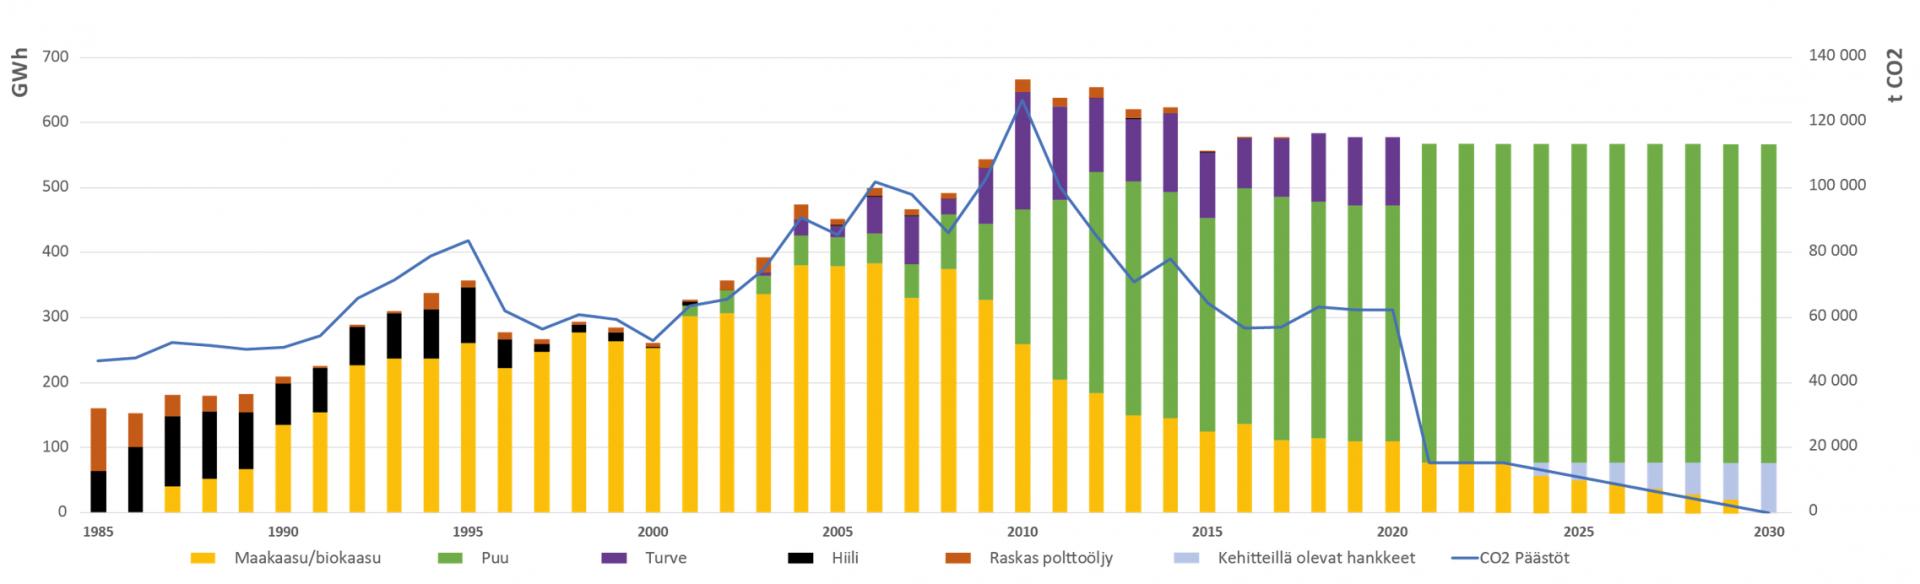 polttoaineiden ja co2-päästöjen kehitys